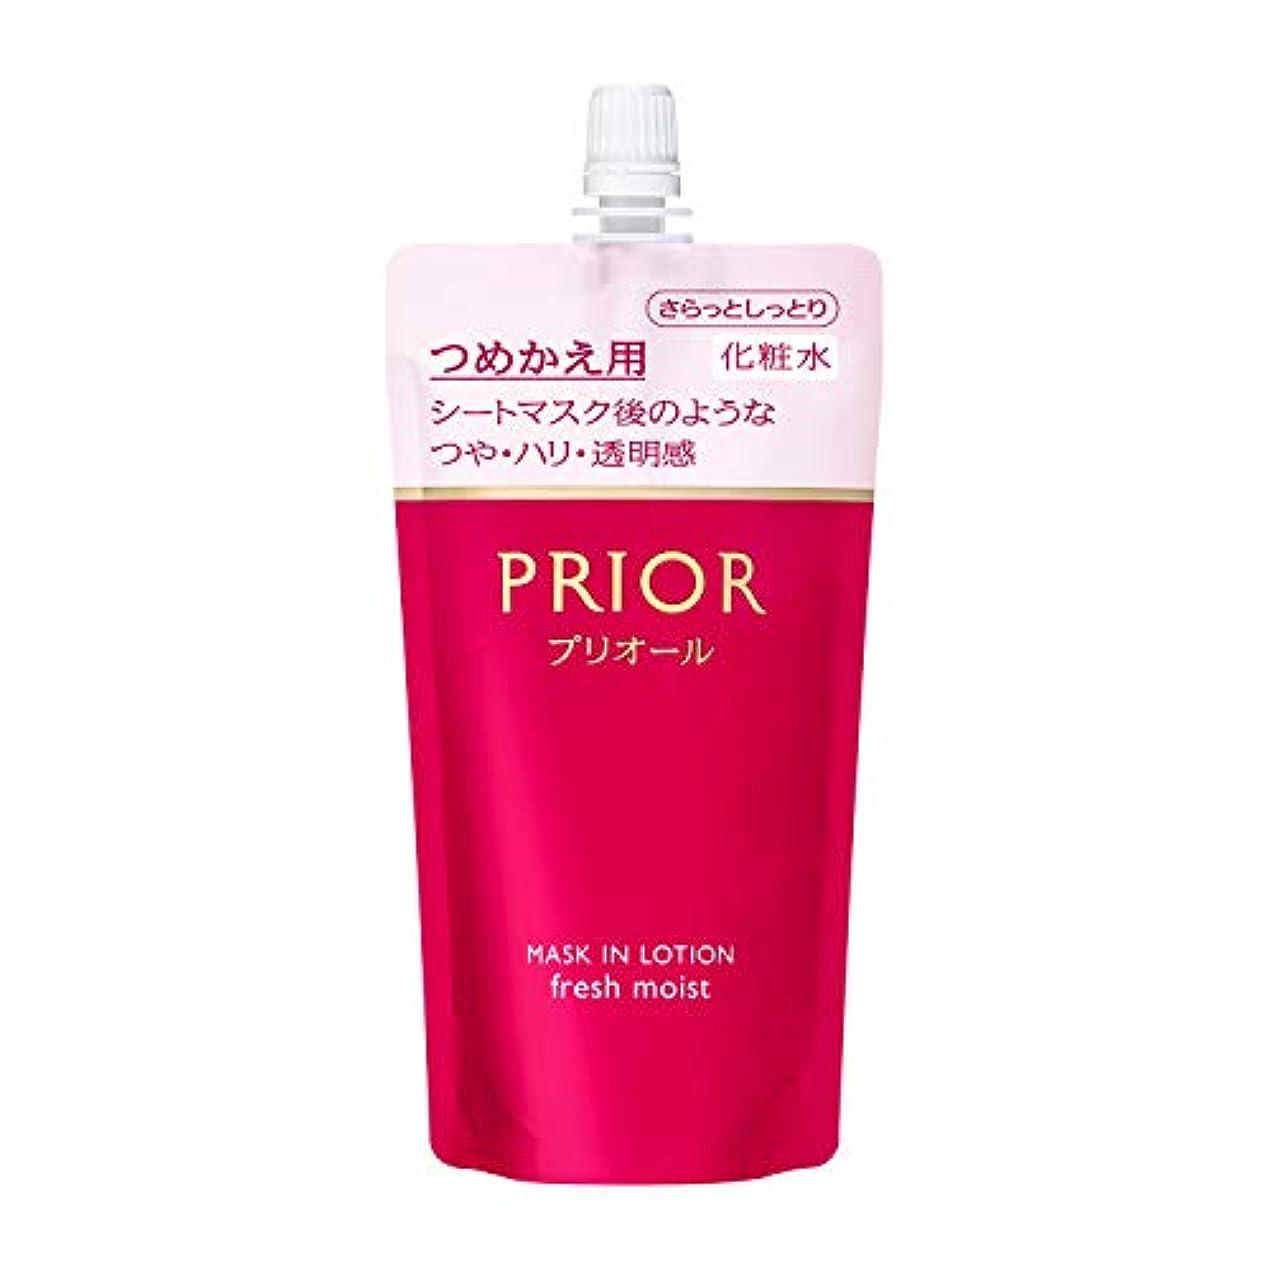 メロンほとんどの場合別れるプリオール マスクイン化粧水 (さらっとしっとり) (つめかえ用) 140mL